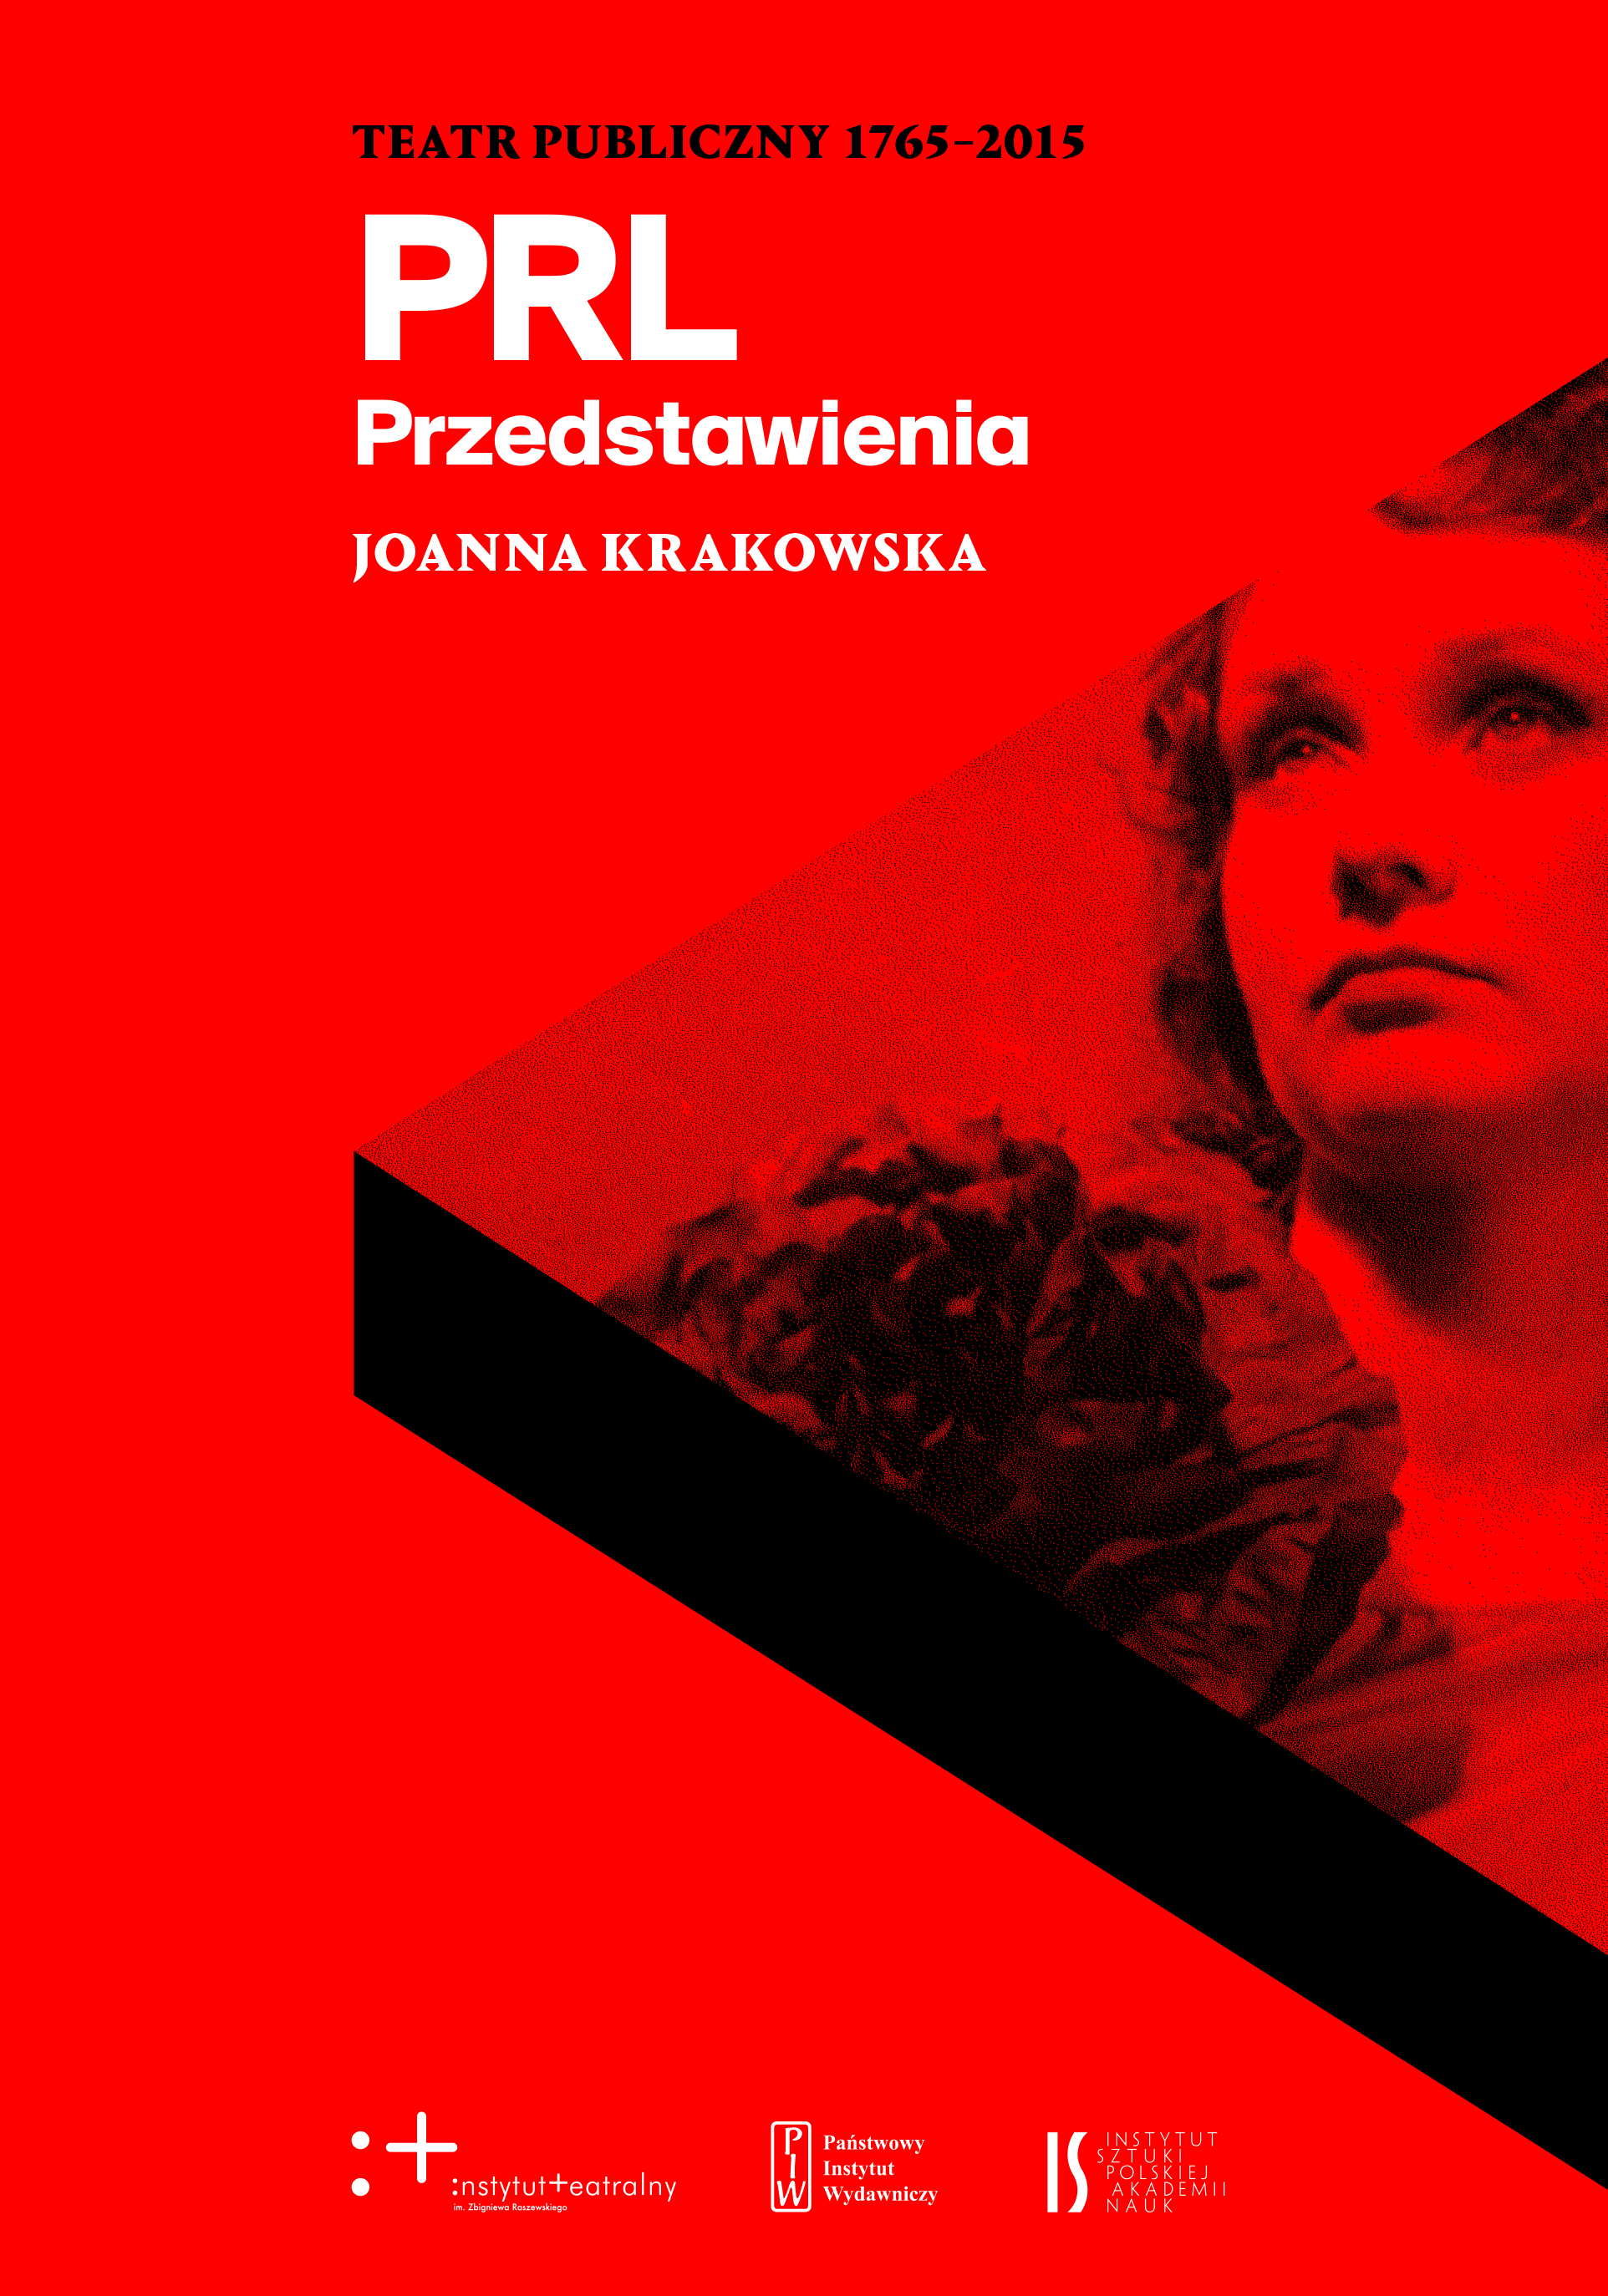 PRL_okladka_front.jpg